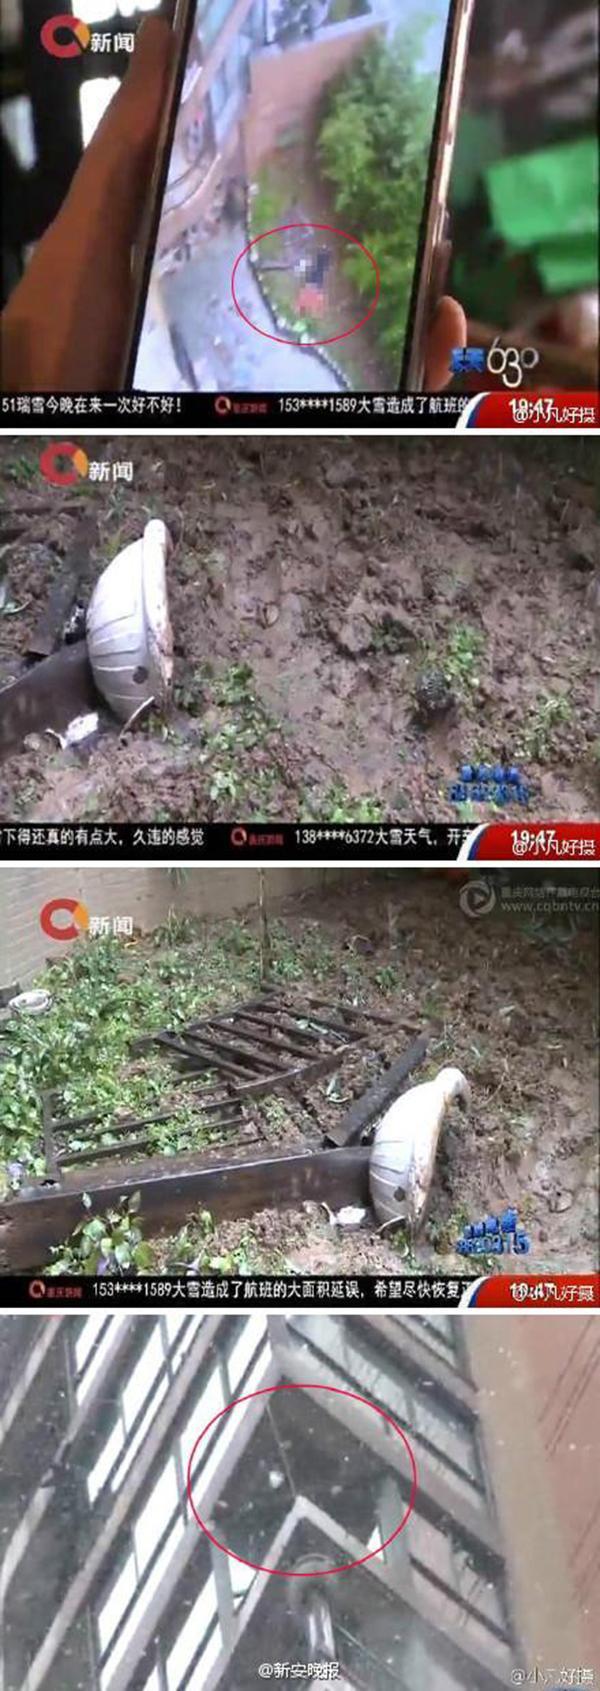 重庆女子赏雪阳台护栏断裂坠亡 小区交房刚10年